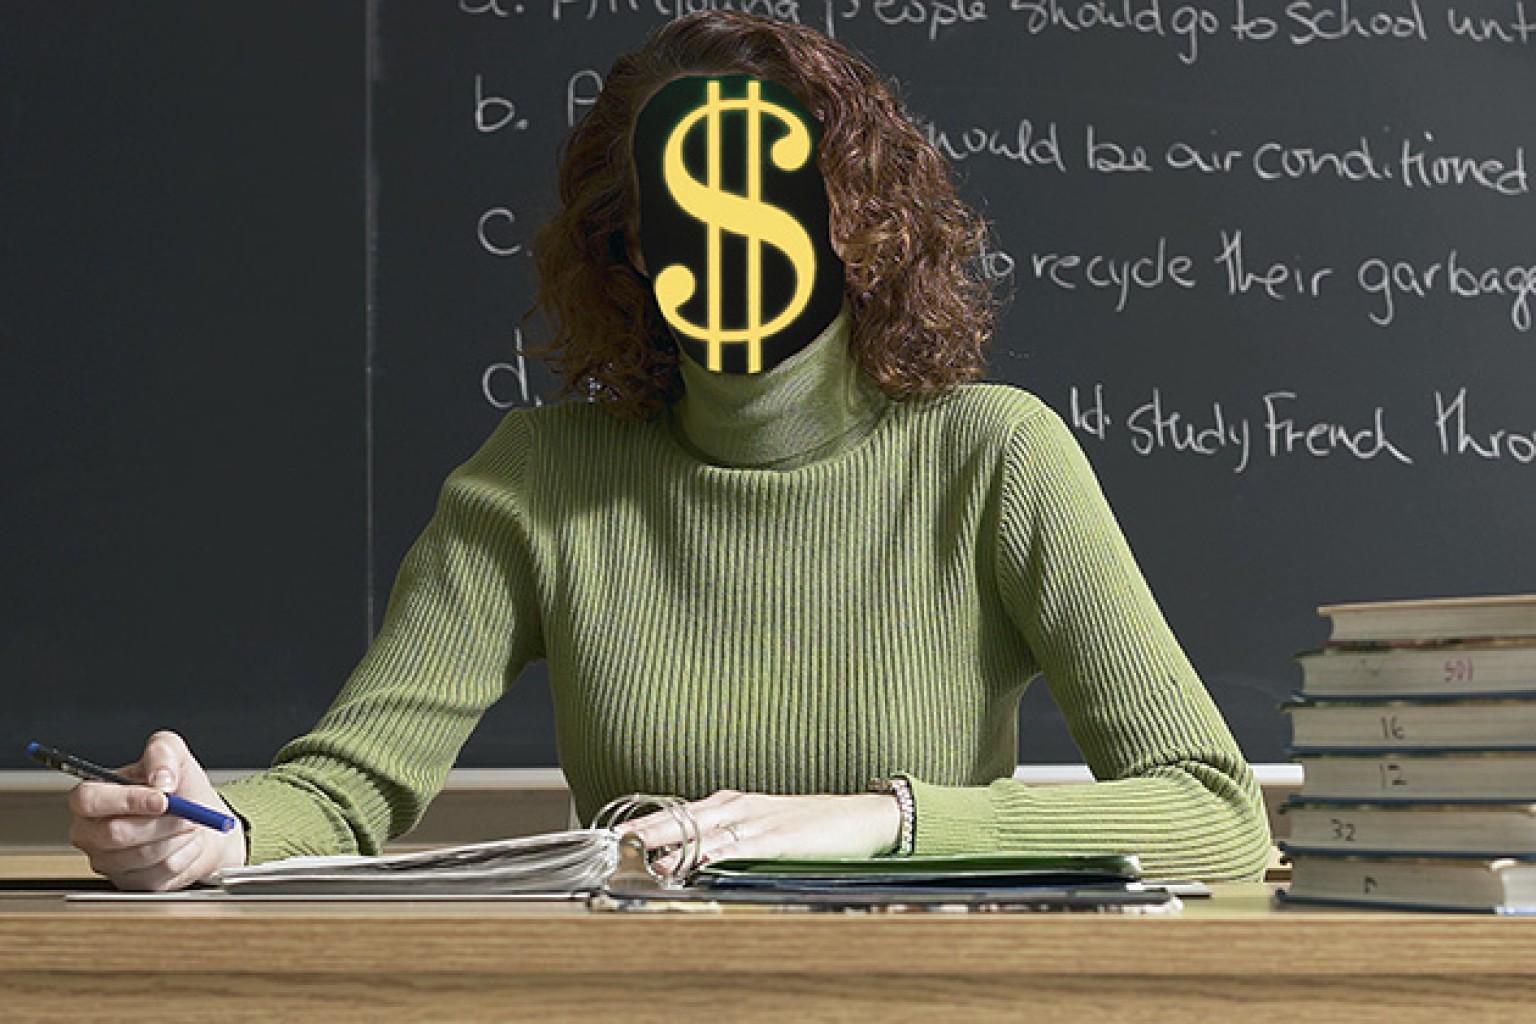 Legislación busca aumentar el Sueldo de los maestros a través del Control Local